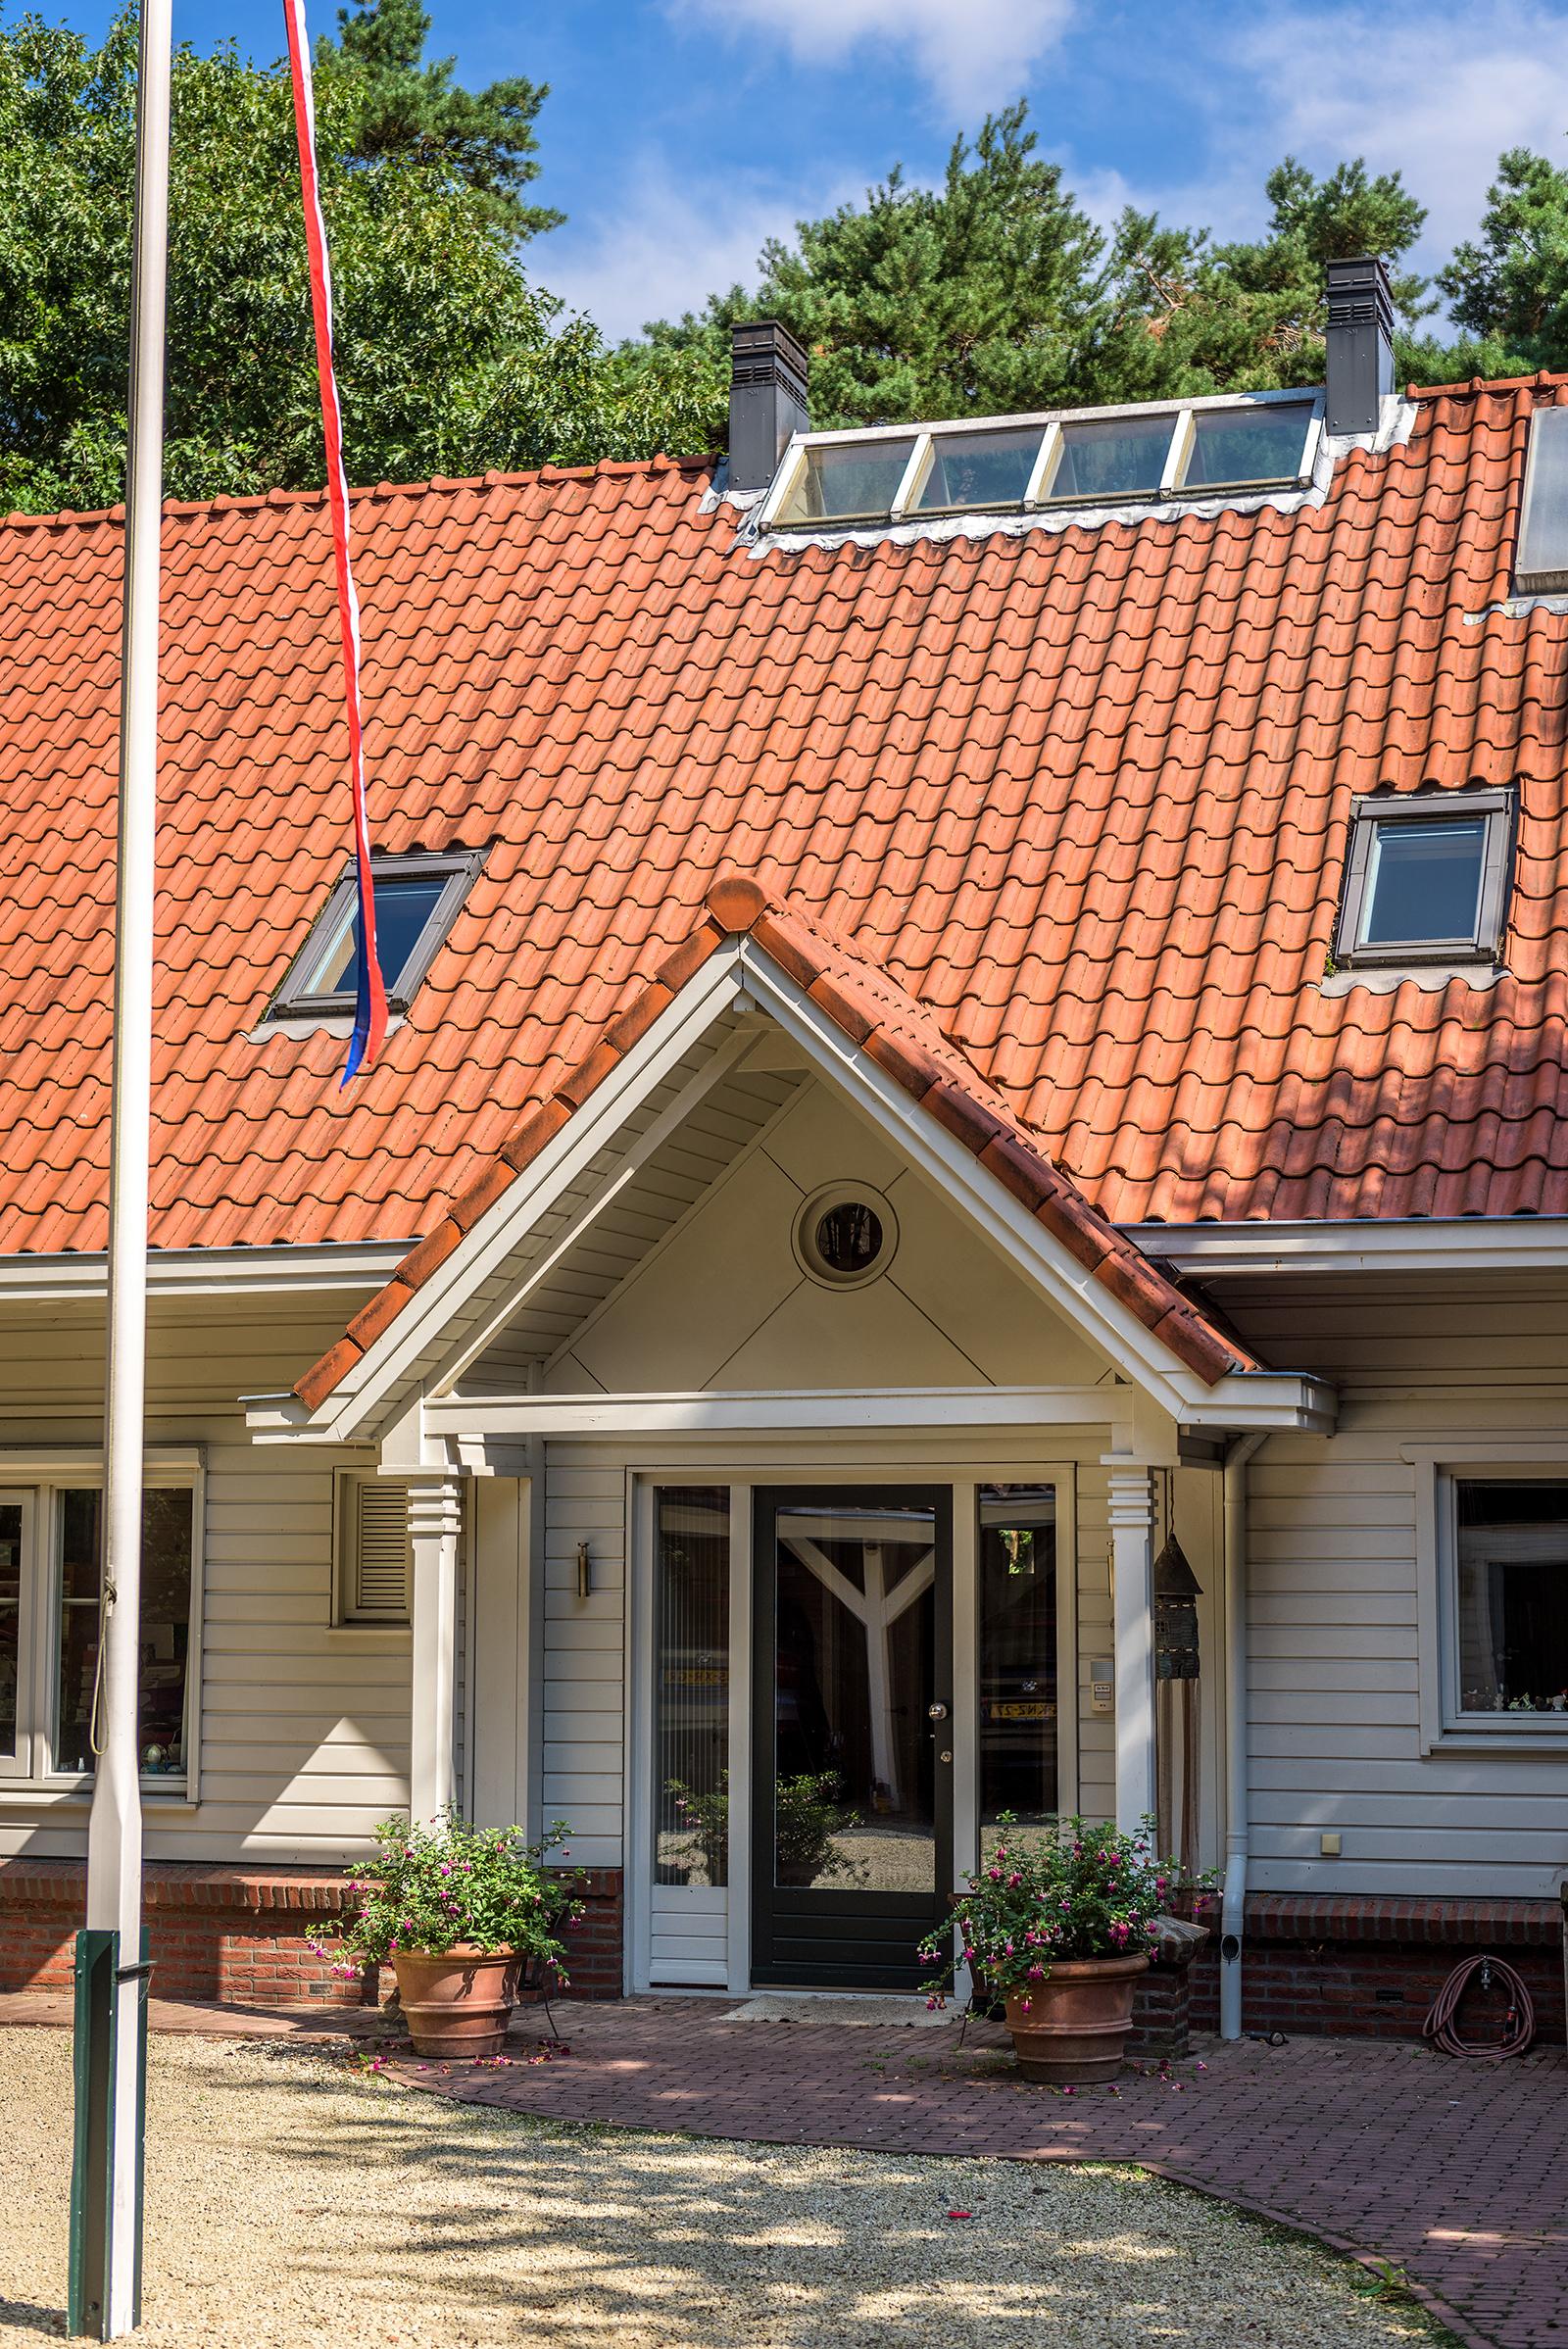 Landhuis in het bos - Finnlogs houtbouw bv